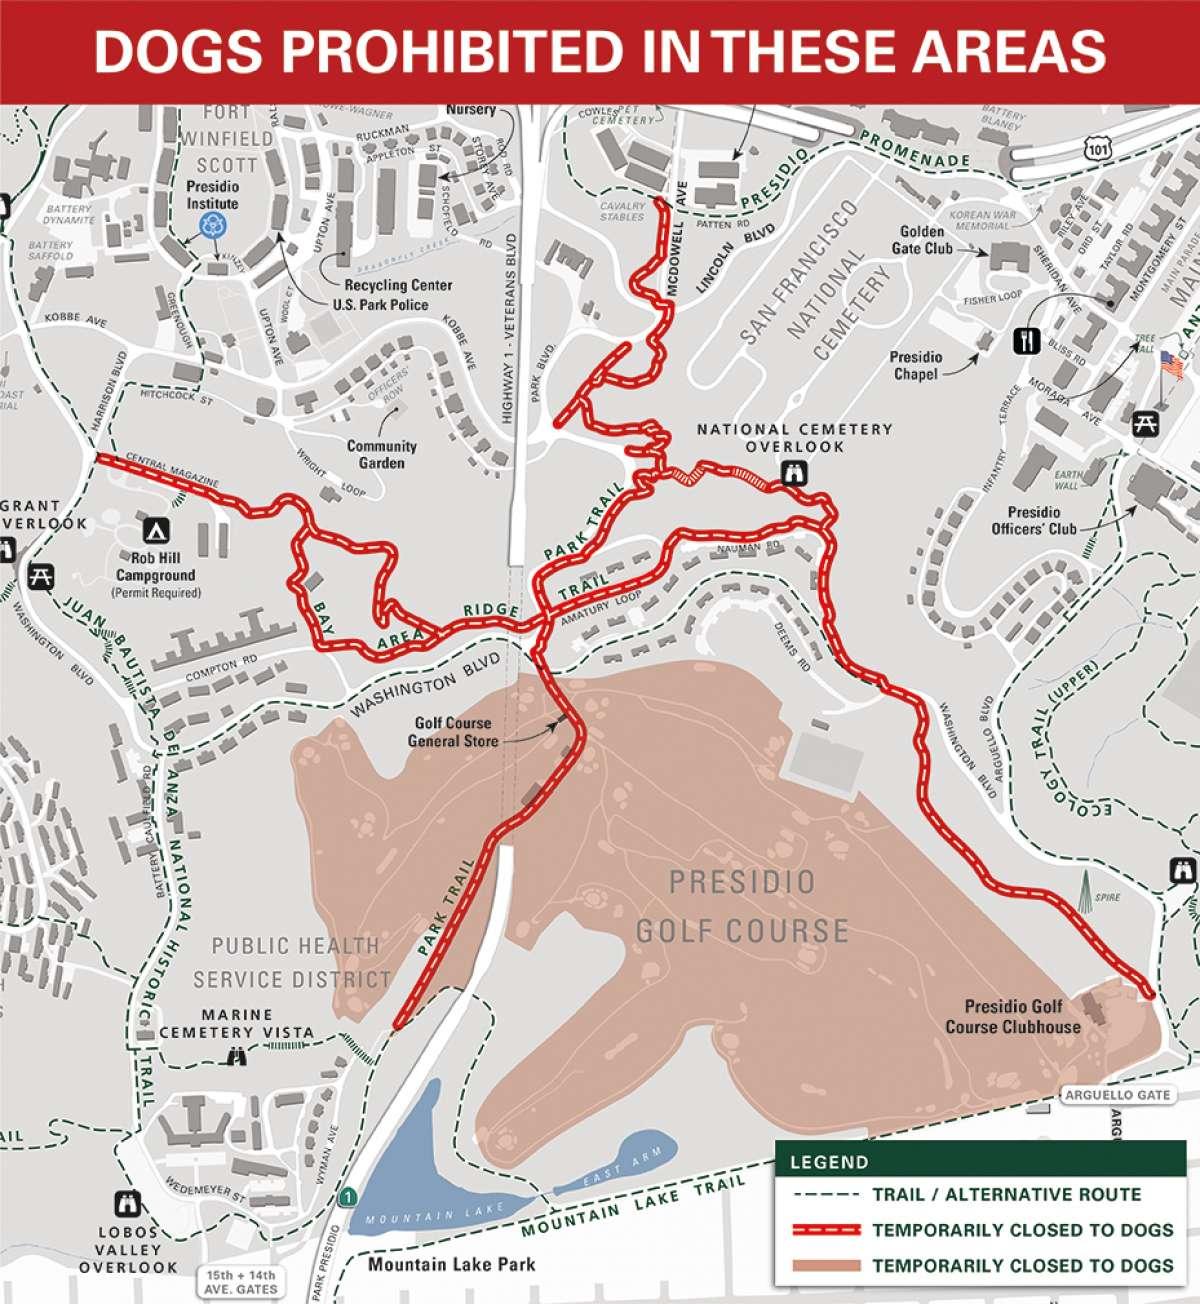 Carte montrant les sentiers temporairement fermés aux chiens dans le Presidio, San Francisco.